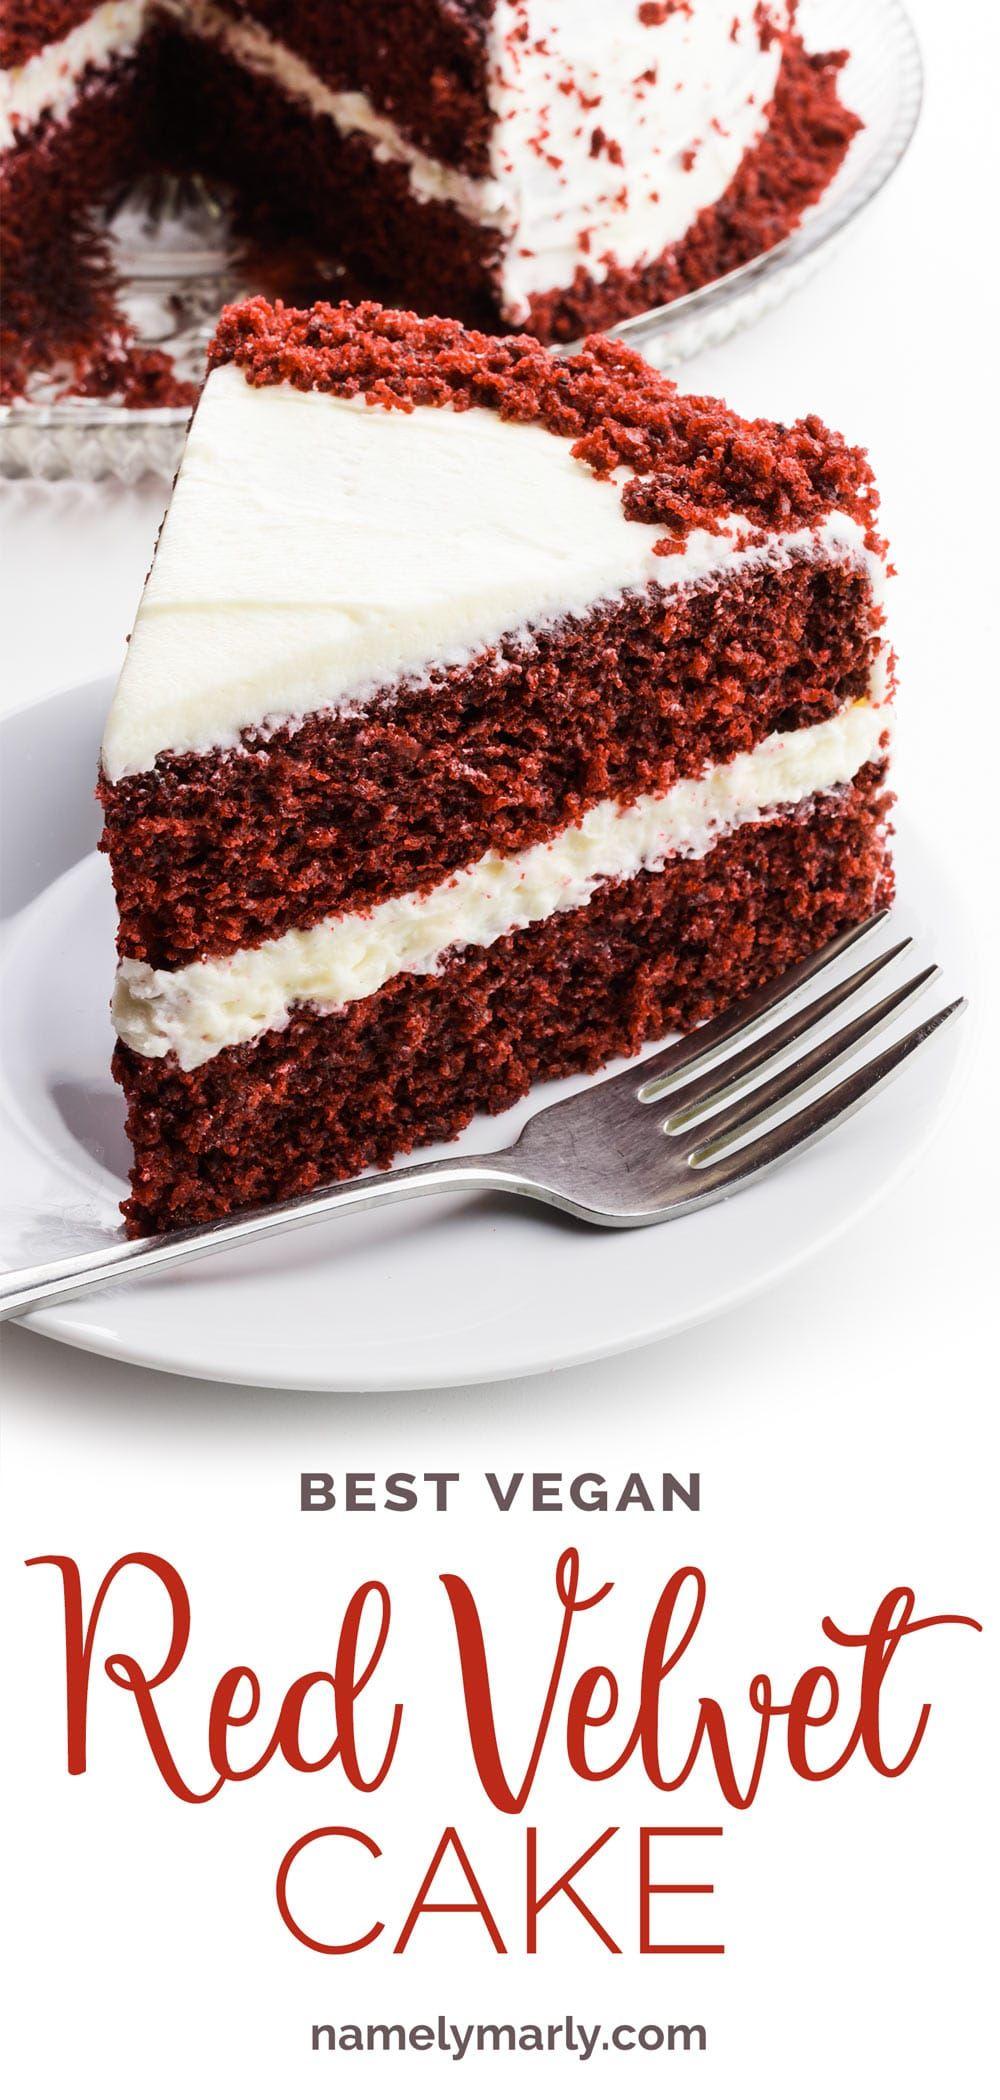 Vegan Red Velvet Cake - Namely Marly -   21 cake Carrot red velvet ideas